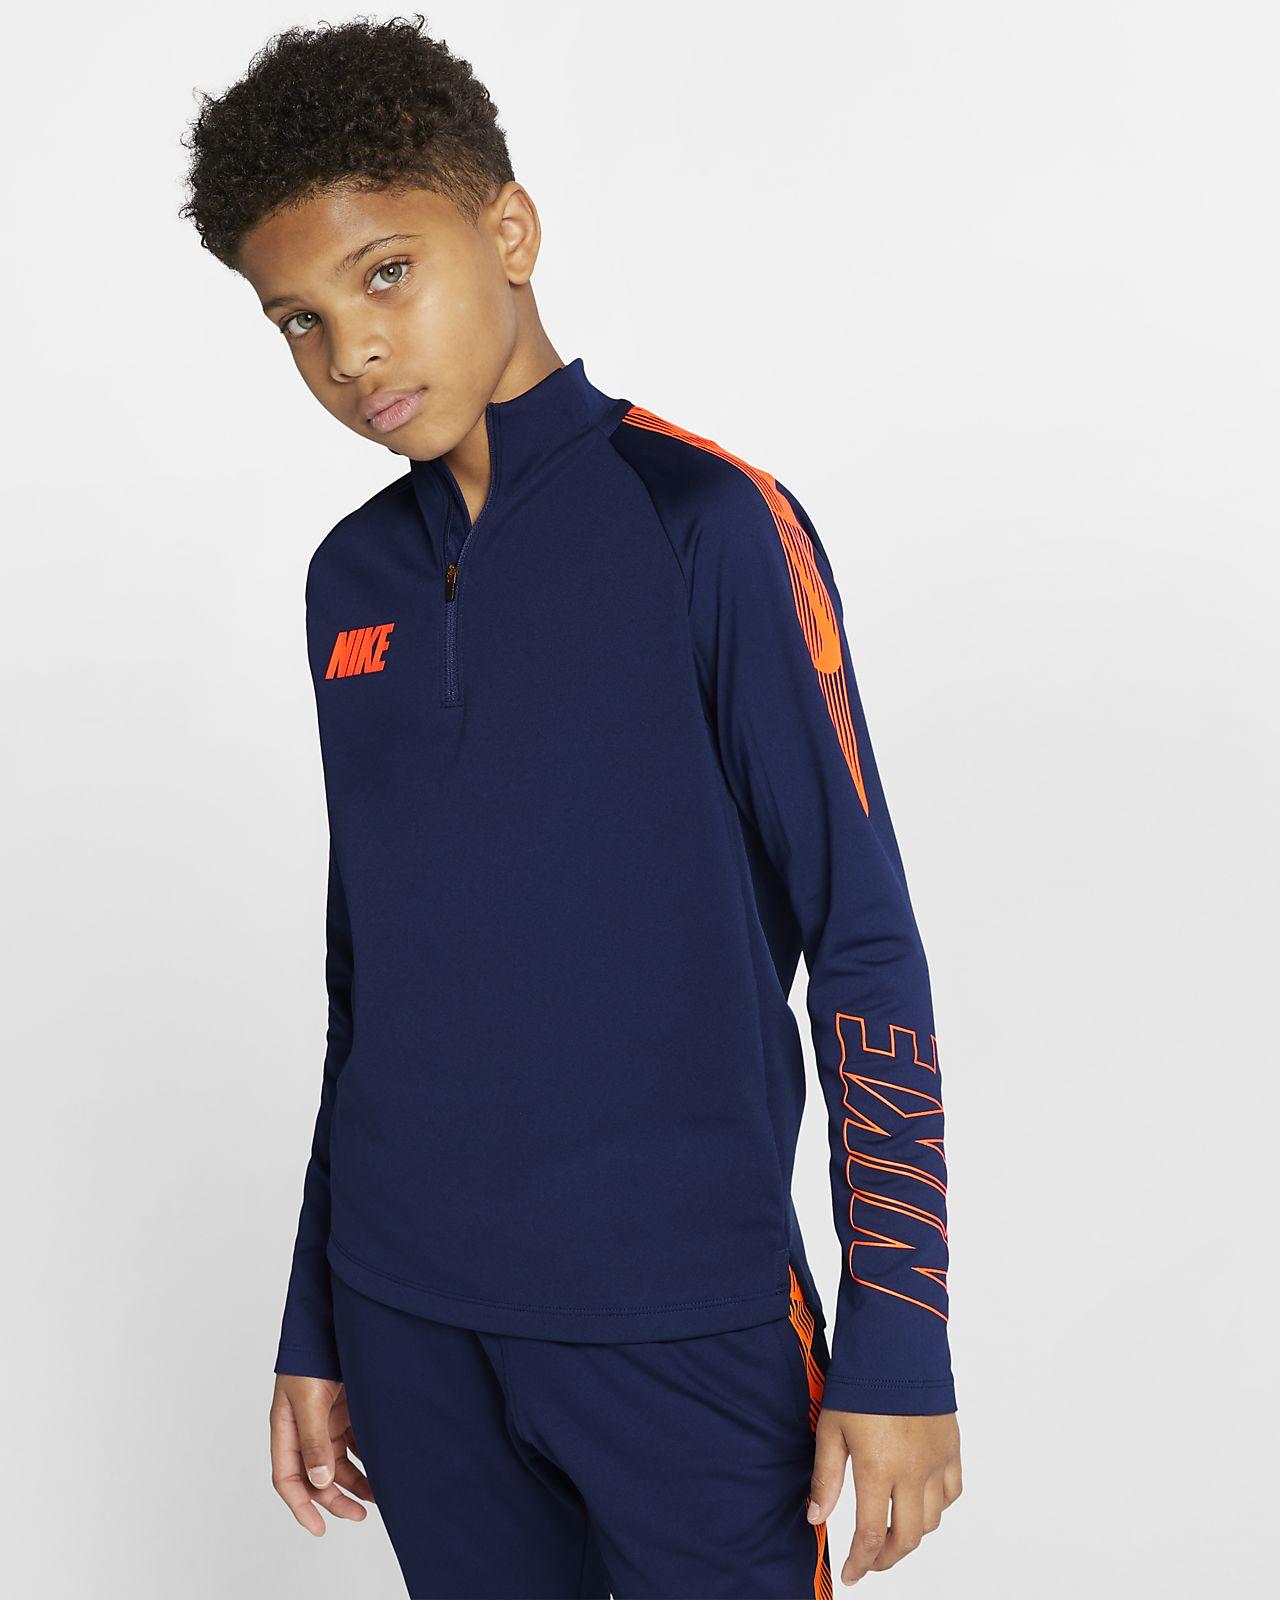 Fotbollströja Nike Dri-FIT Squad för ungdom